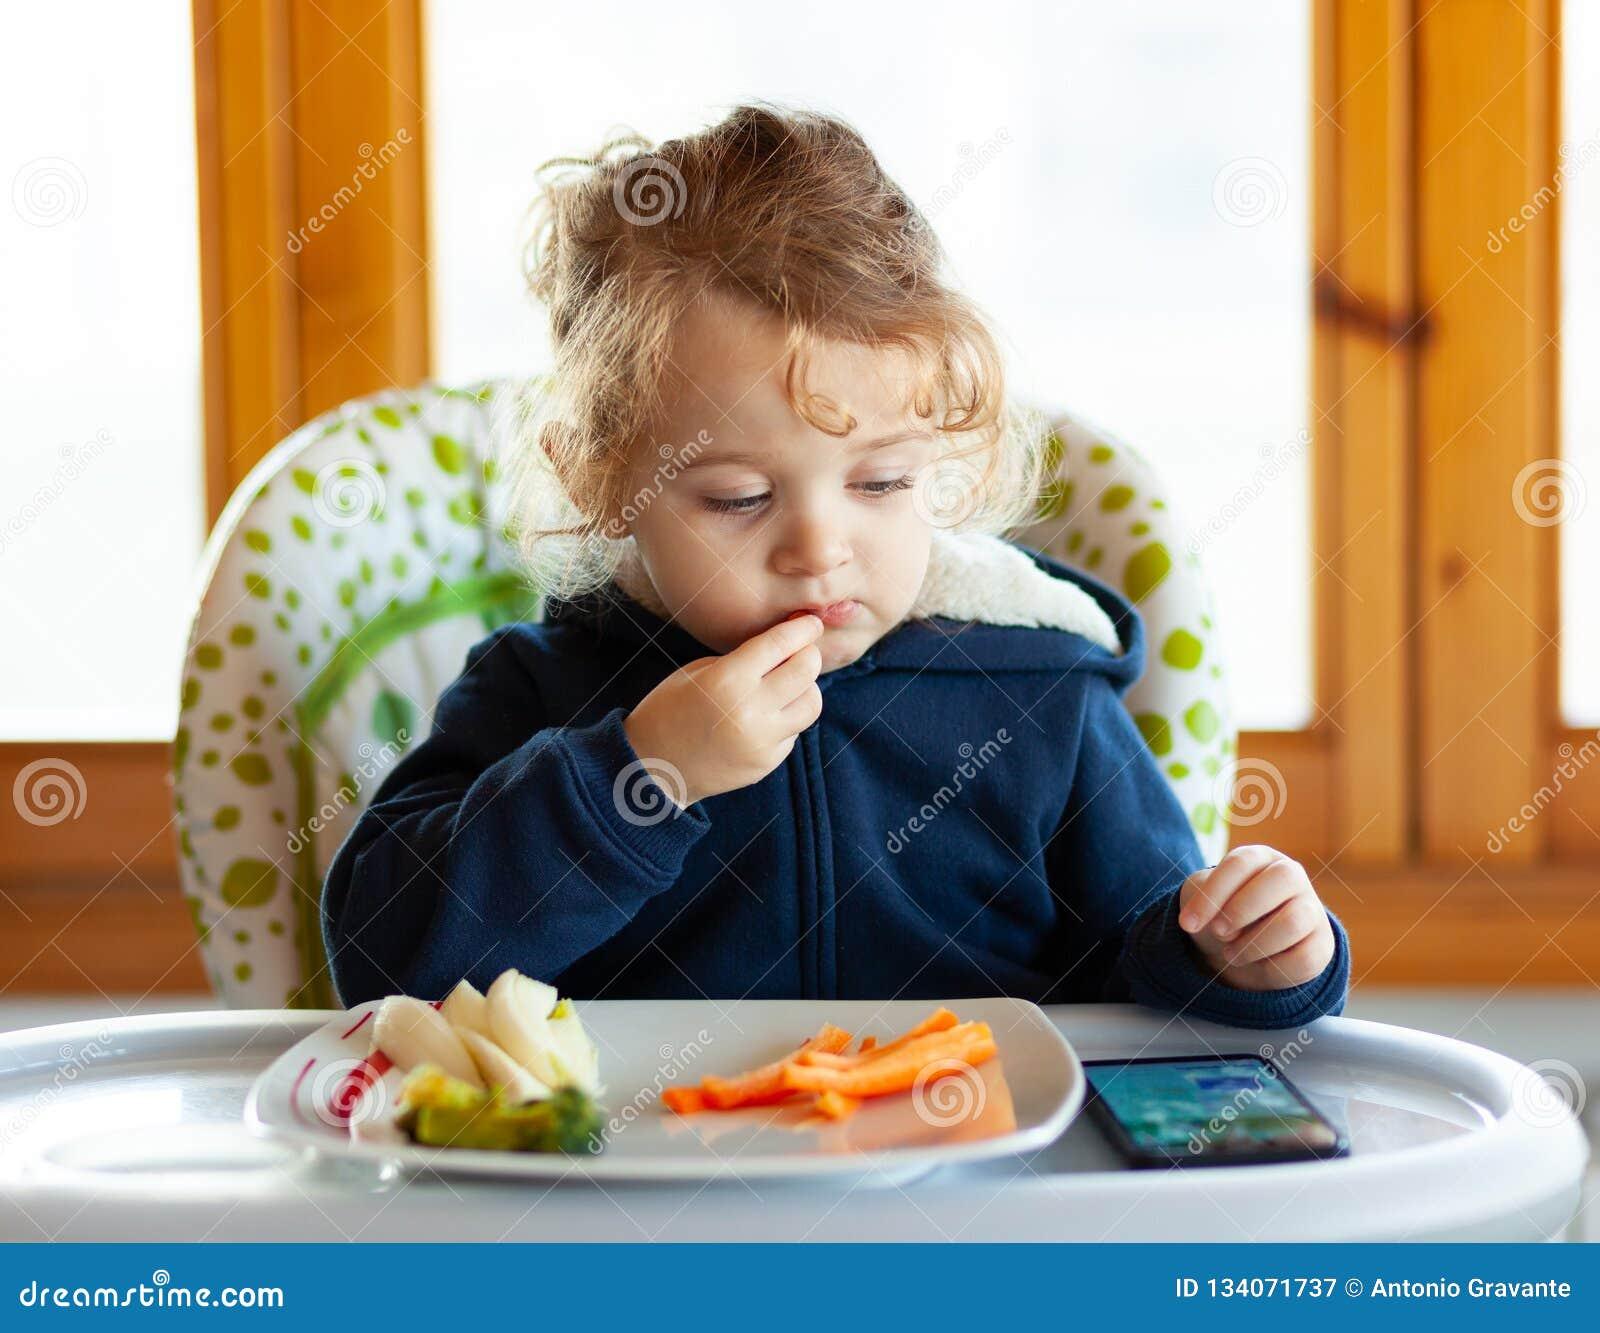 Kleinkind Isst Nicht